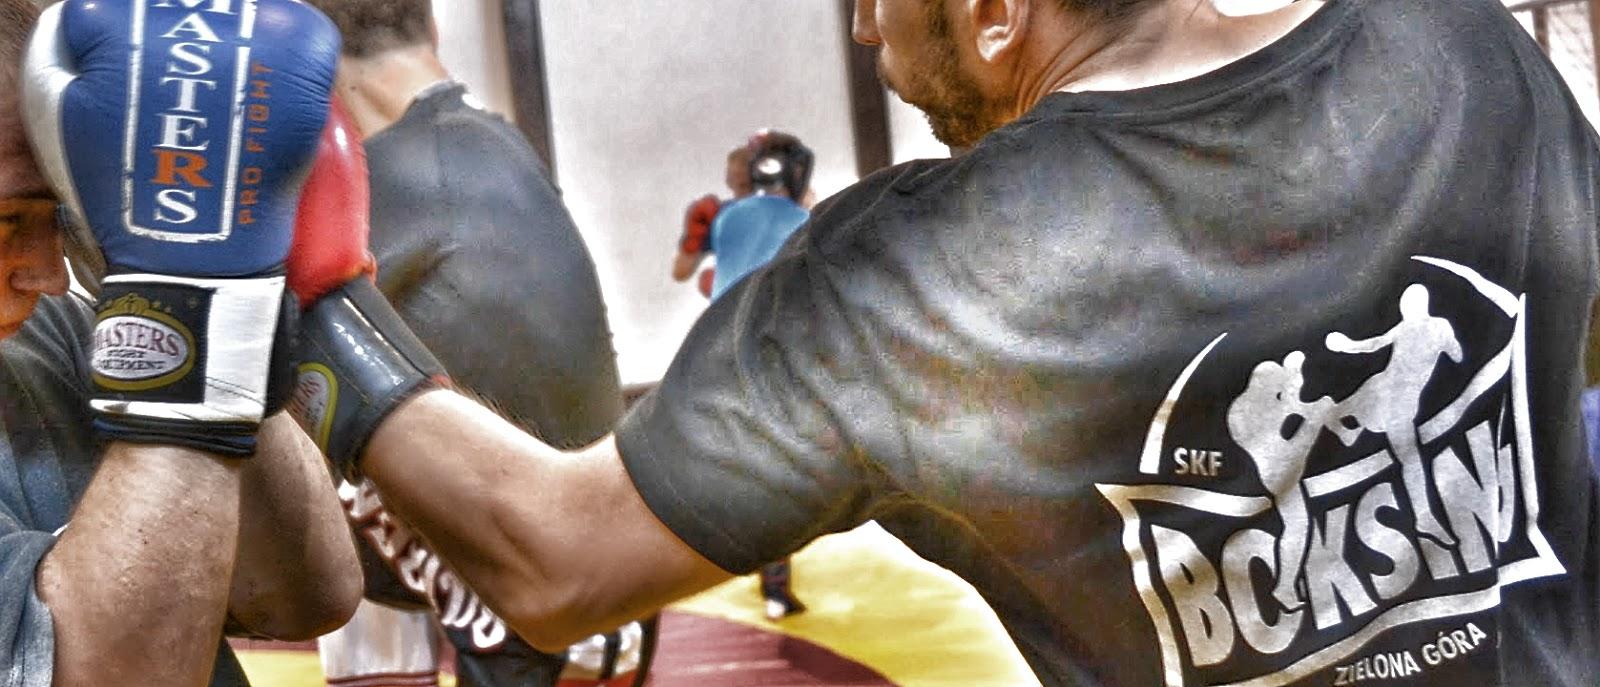 trening, sport, obóz, Zielona Góra, wakacje, kickboxing, k-1, muay thai, boks